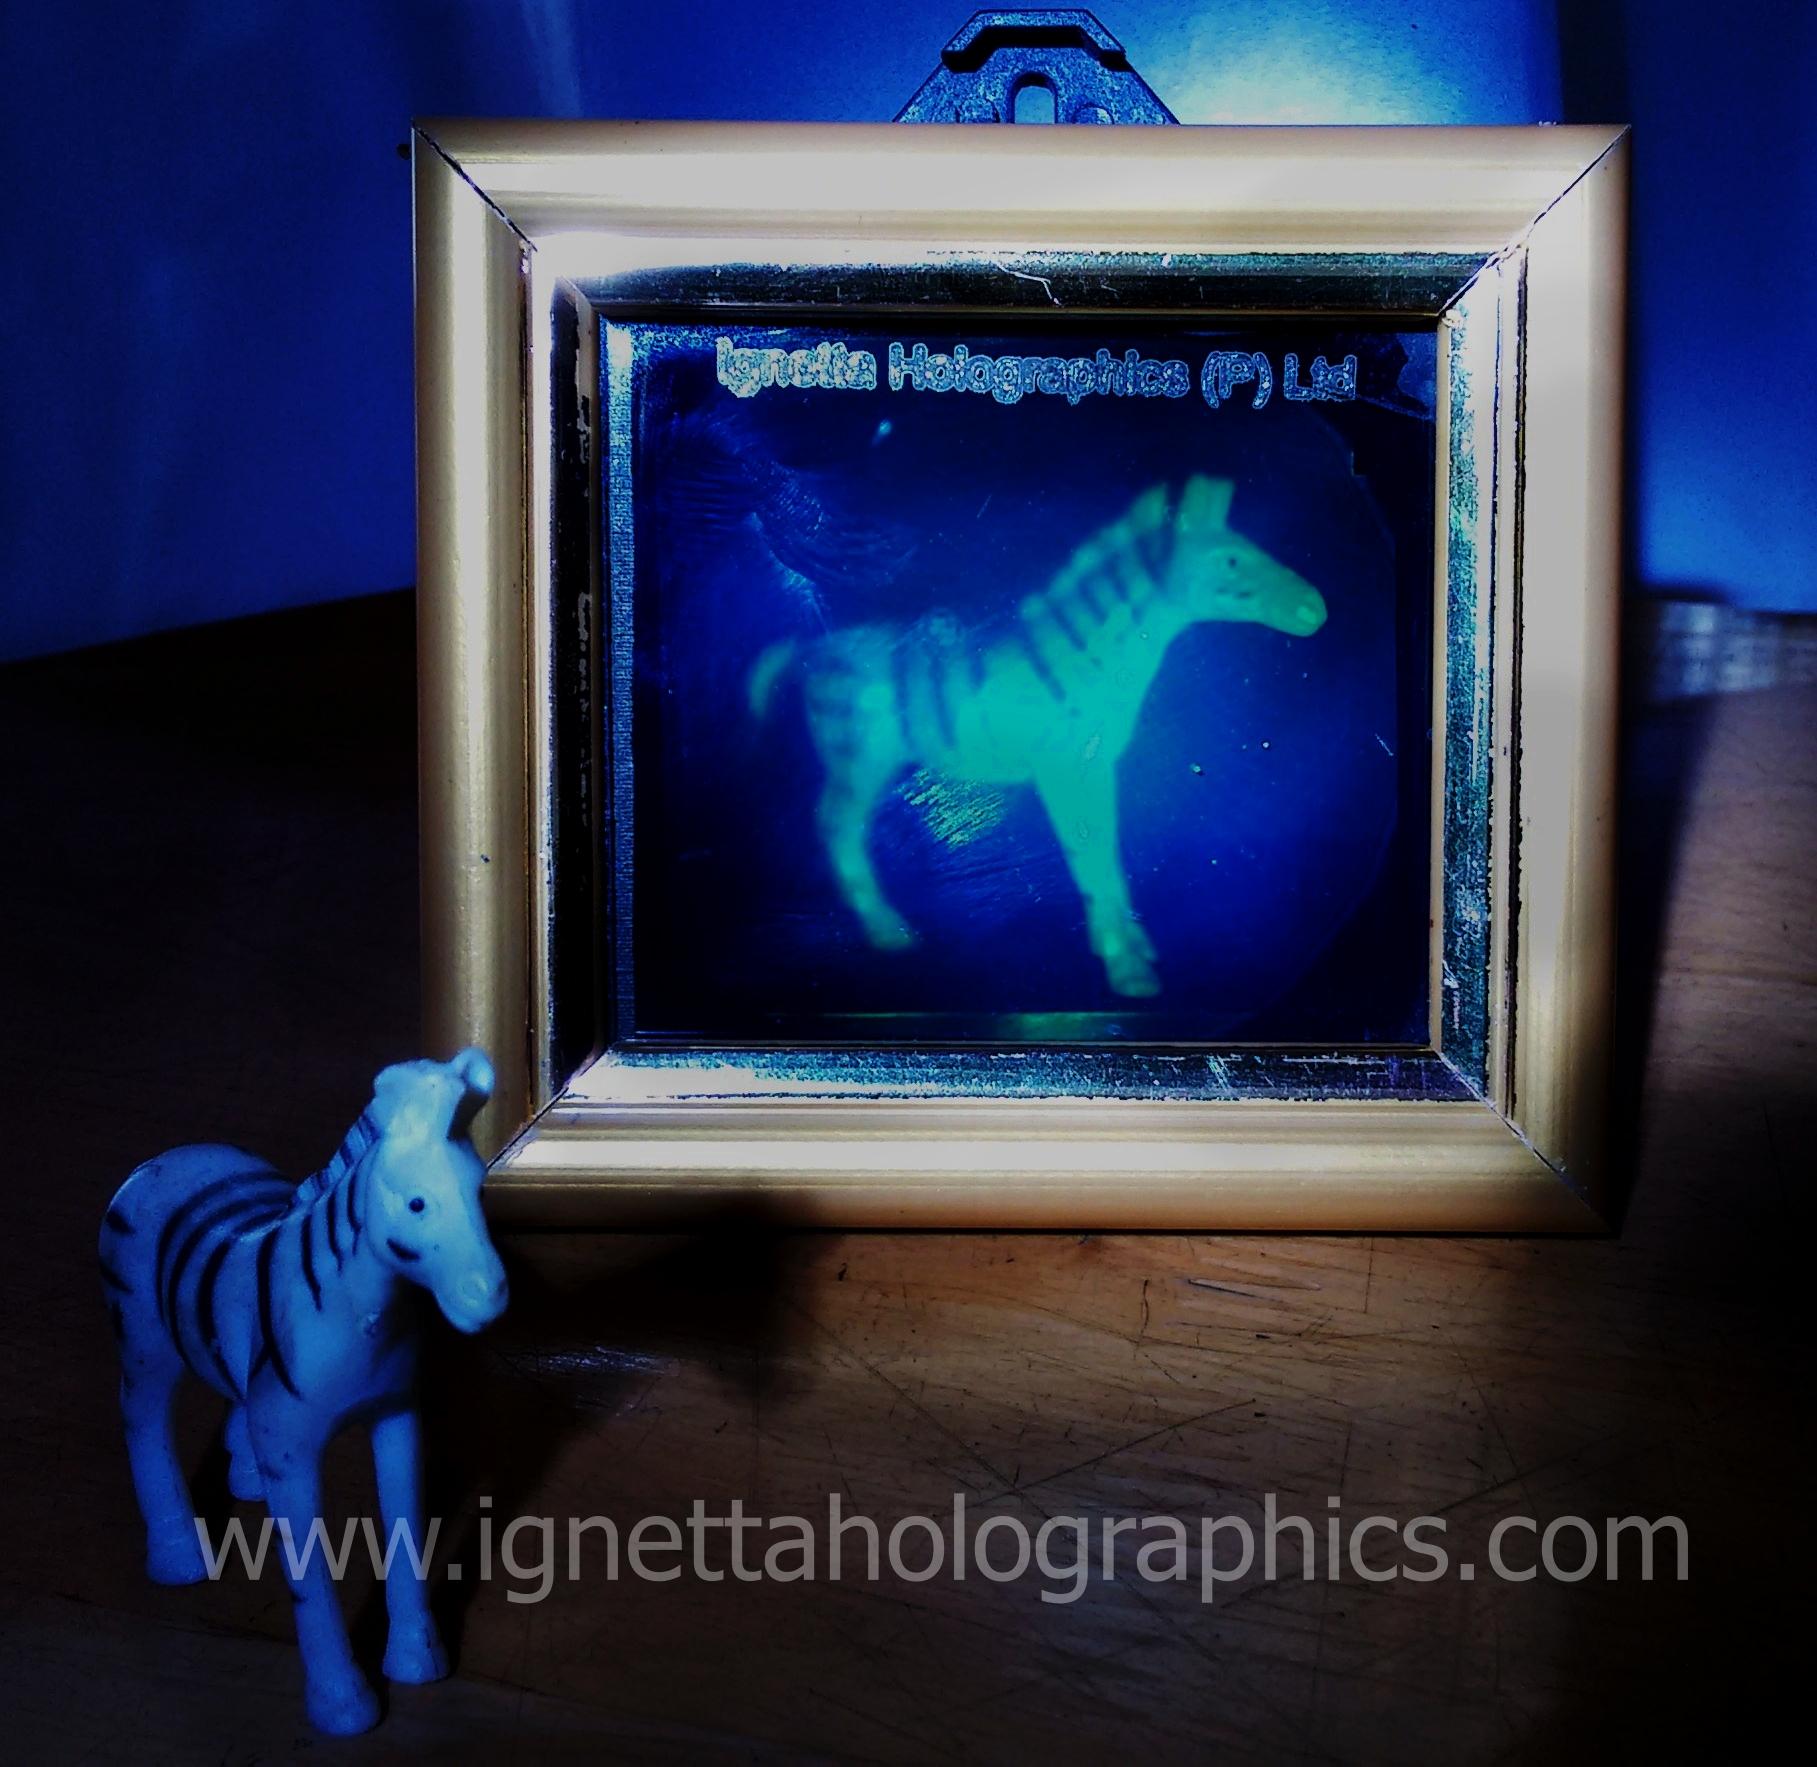 Display holograms transmission reflection ignetta holographics jeuxipadfo Images